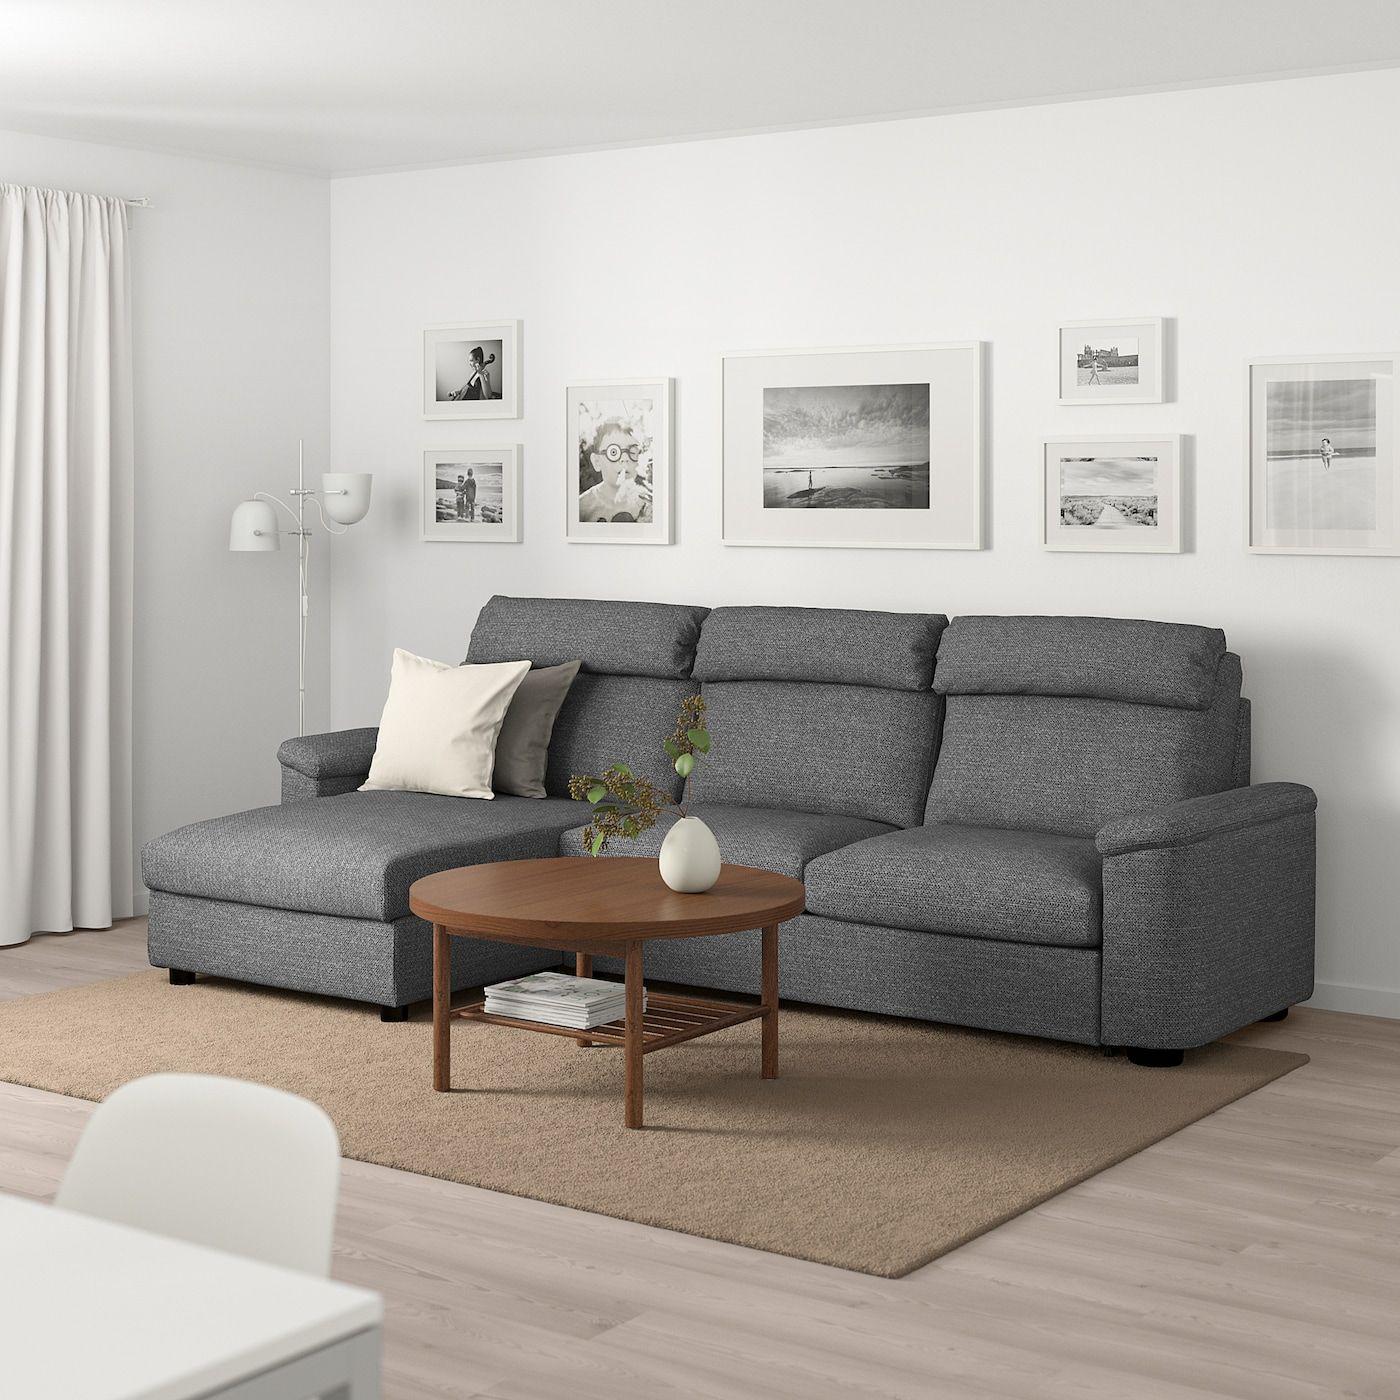 Lidhult 3er Bettsofa Mit Recamiere Lejde Grau Schwarz Ikea Deutschland In 2020 Bettsofa Recamiere Sofa